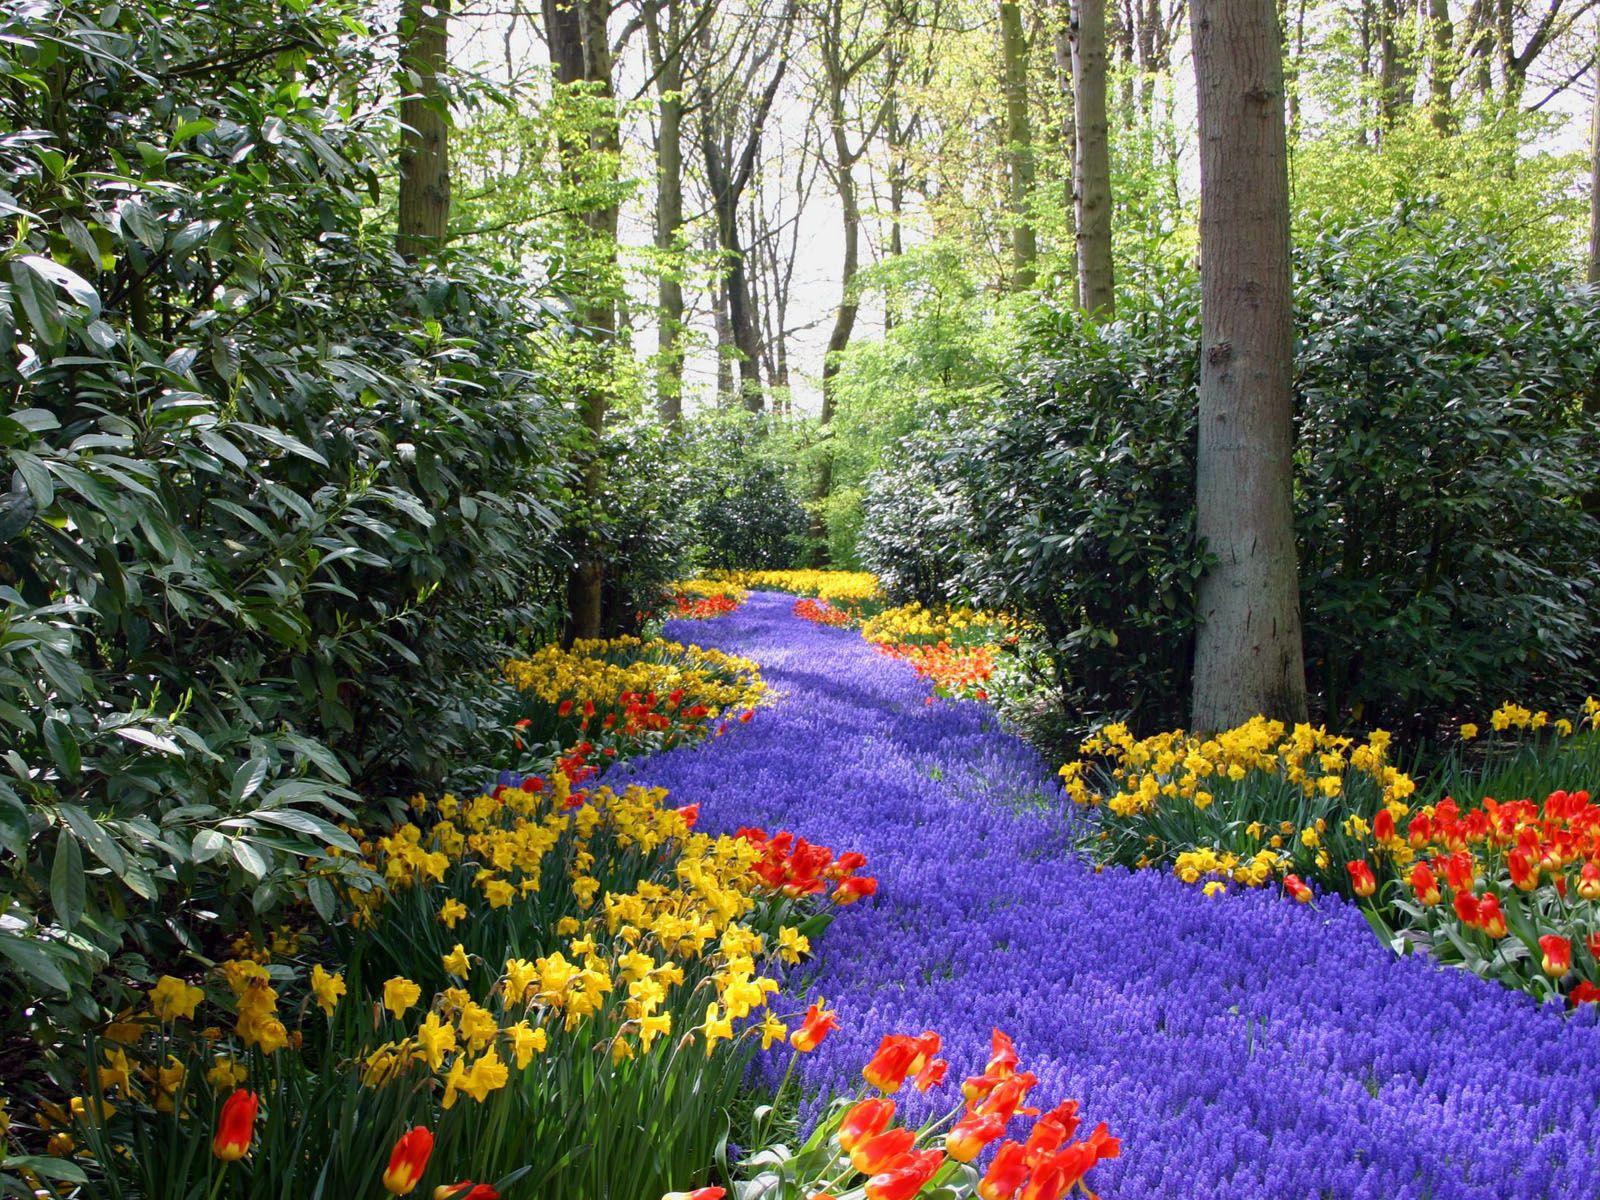 73287 Заставки и Обои Нарциссы на телефон. Скачать Тюльпаны, Природа, Цветы, Деревья, Нарциссы, Сиреневые картинки бесплатно